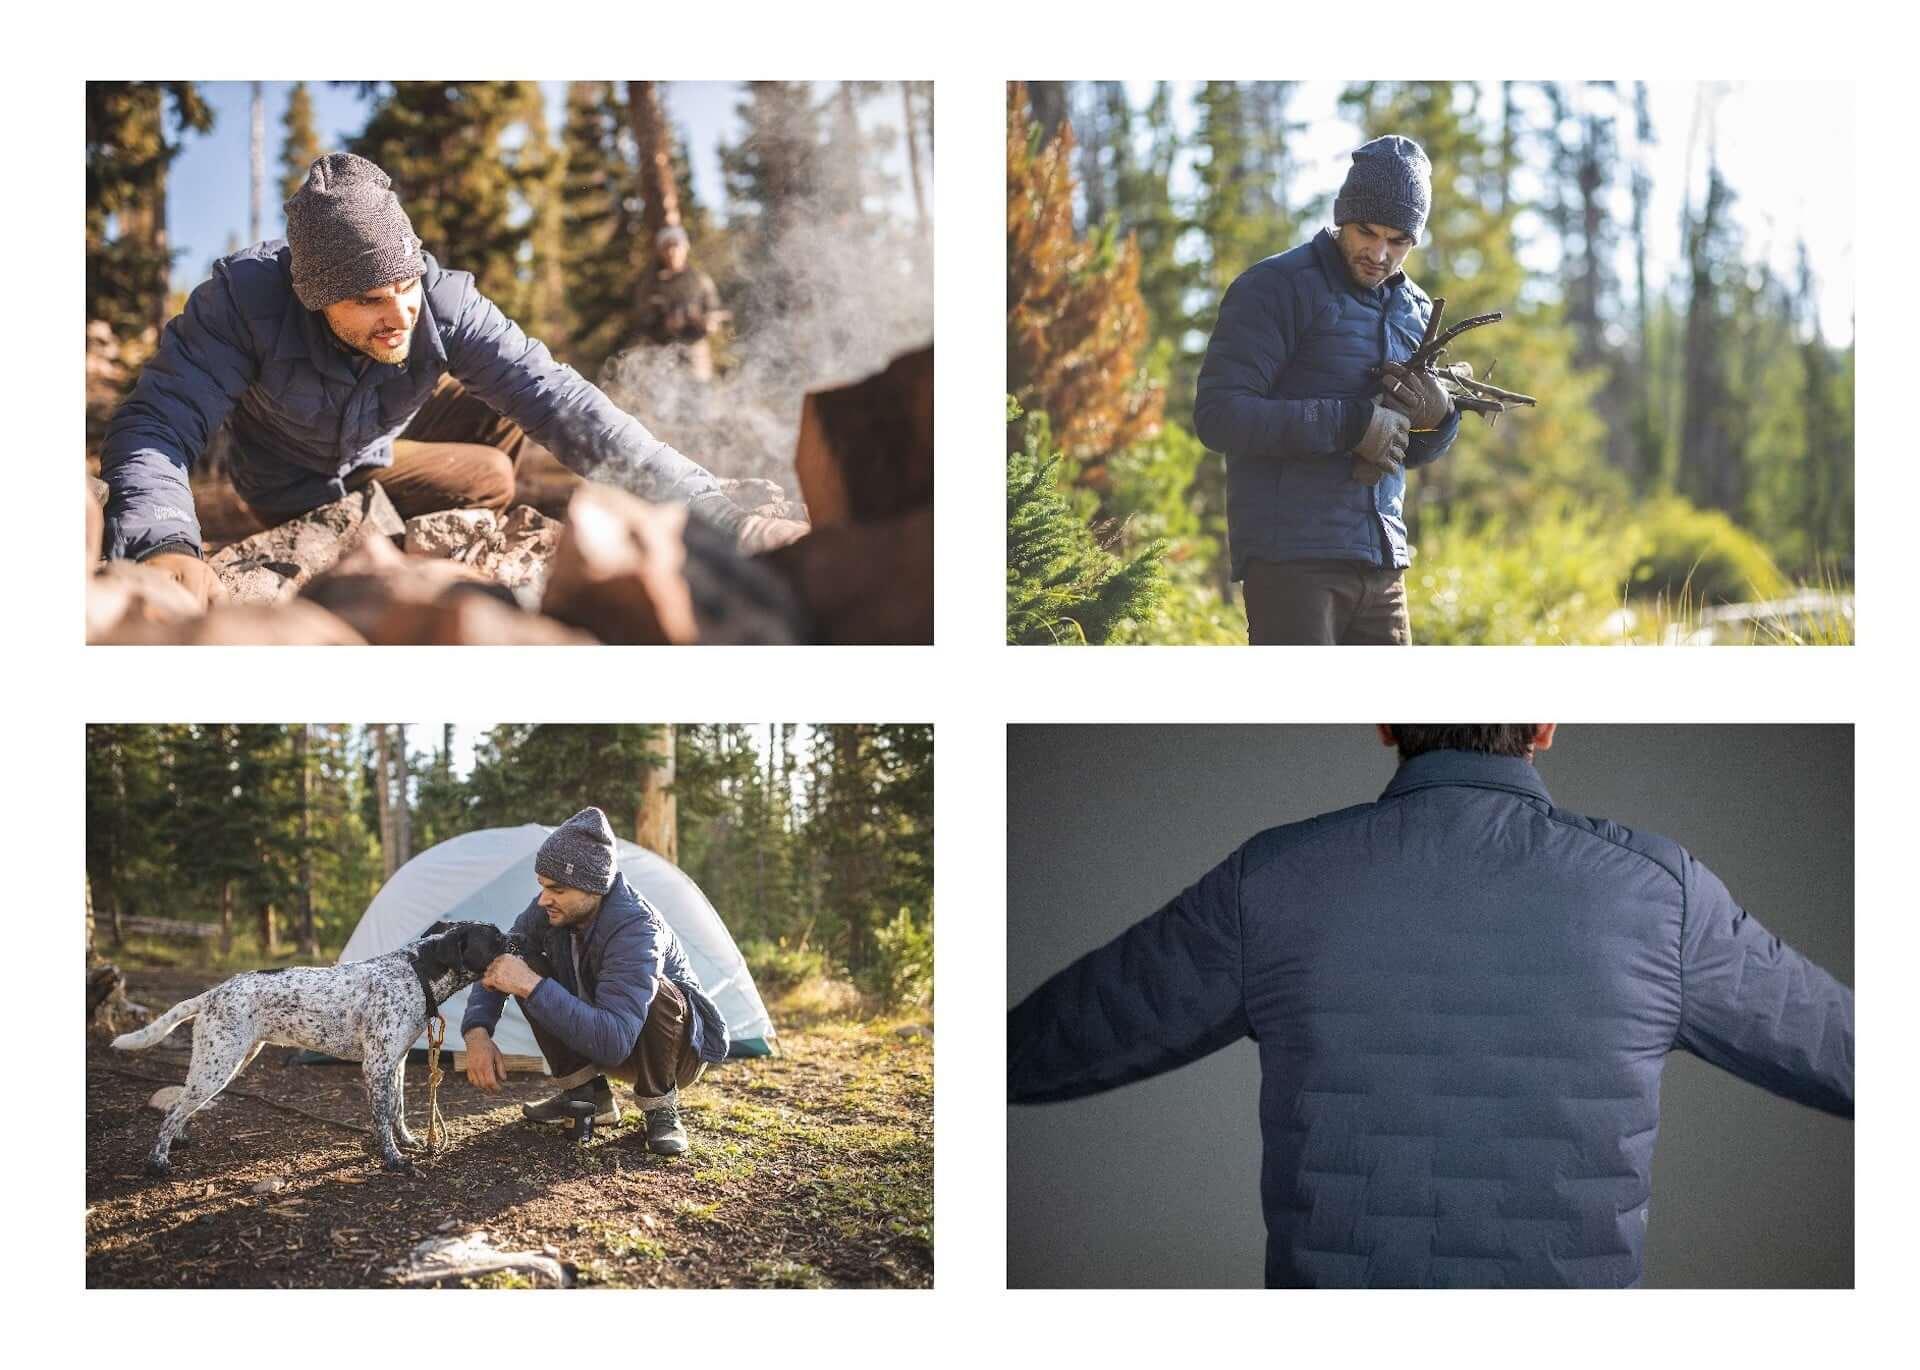 マウンテンハードウェアが縫い目の無いダウンジャケット「Super/DS Strechdown」を発売!クライミング用、ウィメンズモデルなど多数展開 lf201016_mountain-hardwear_9-1920x1370